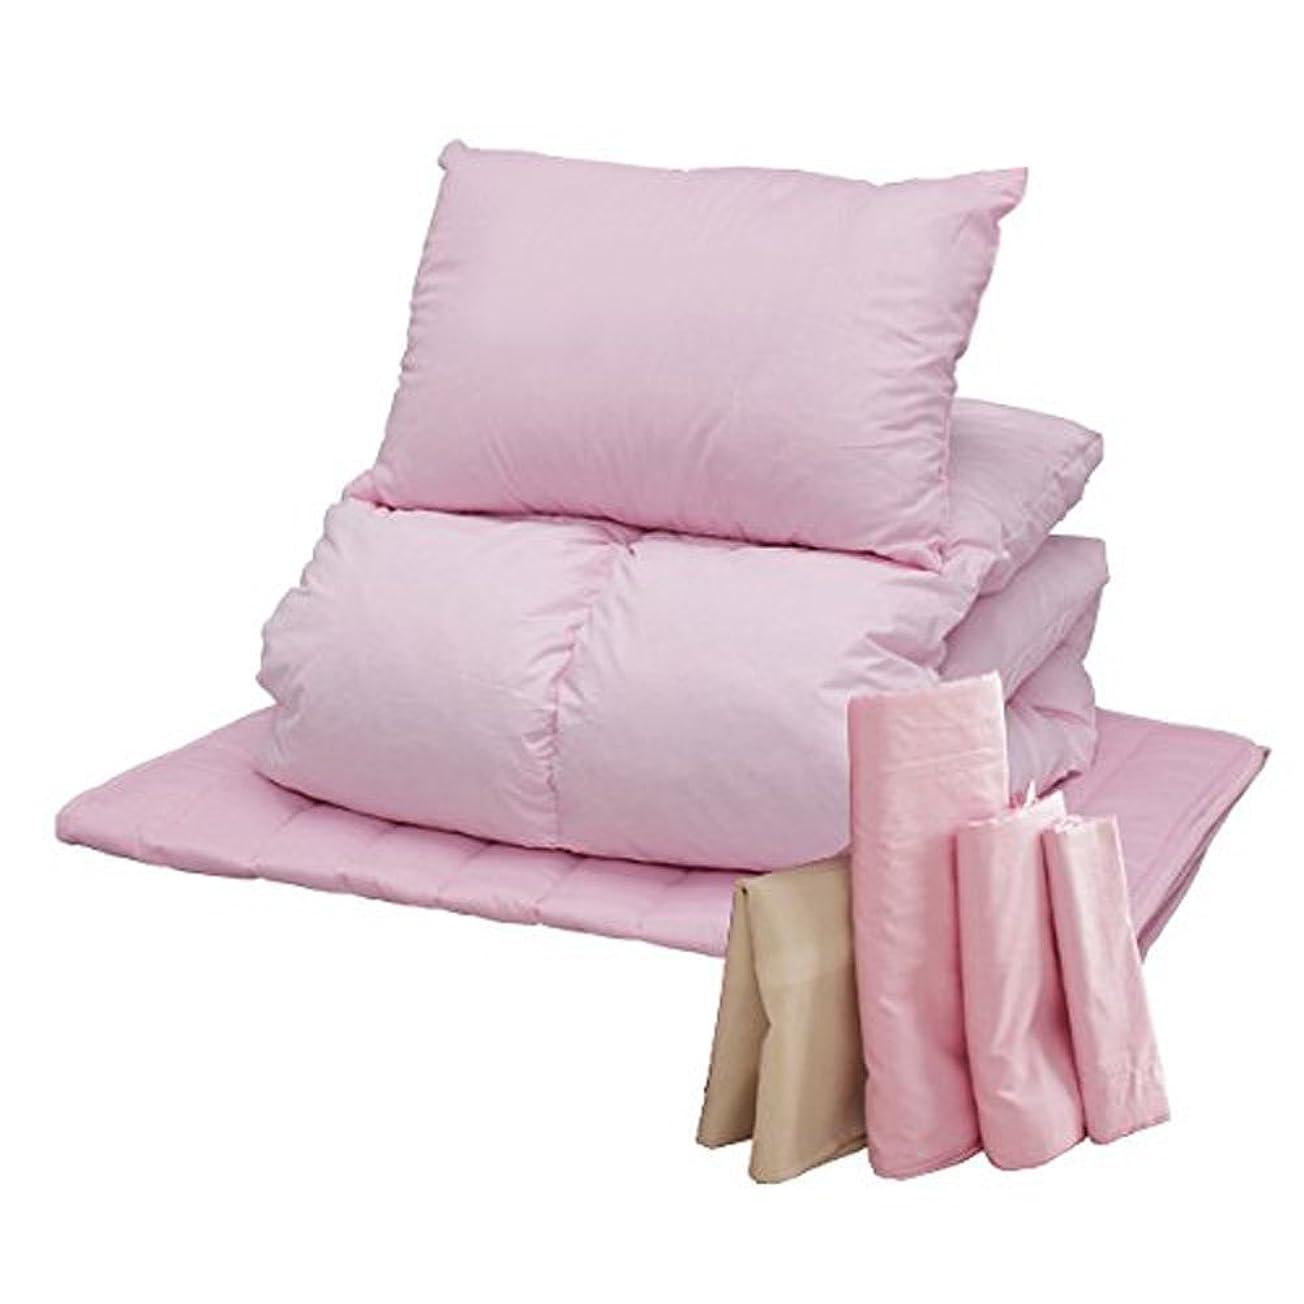 シンクブラウザ前投薬布団セット 7点 羽根布団 敷きパッドセット フェザー100% 軽量 ボリュームタイプ シングル ピンク